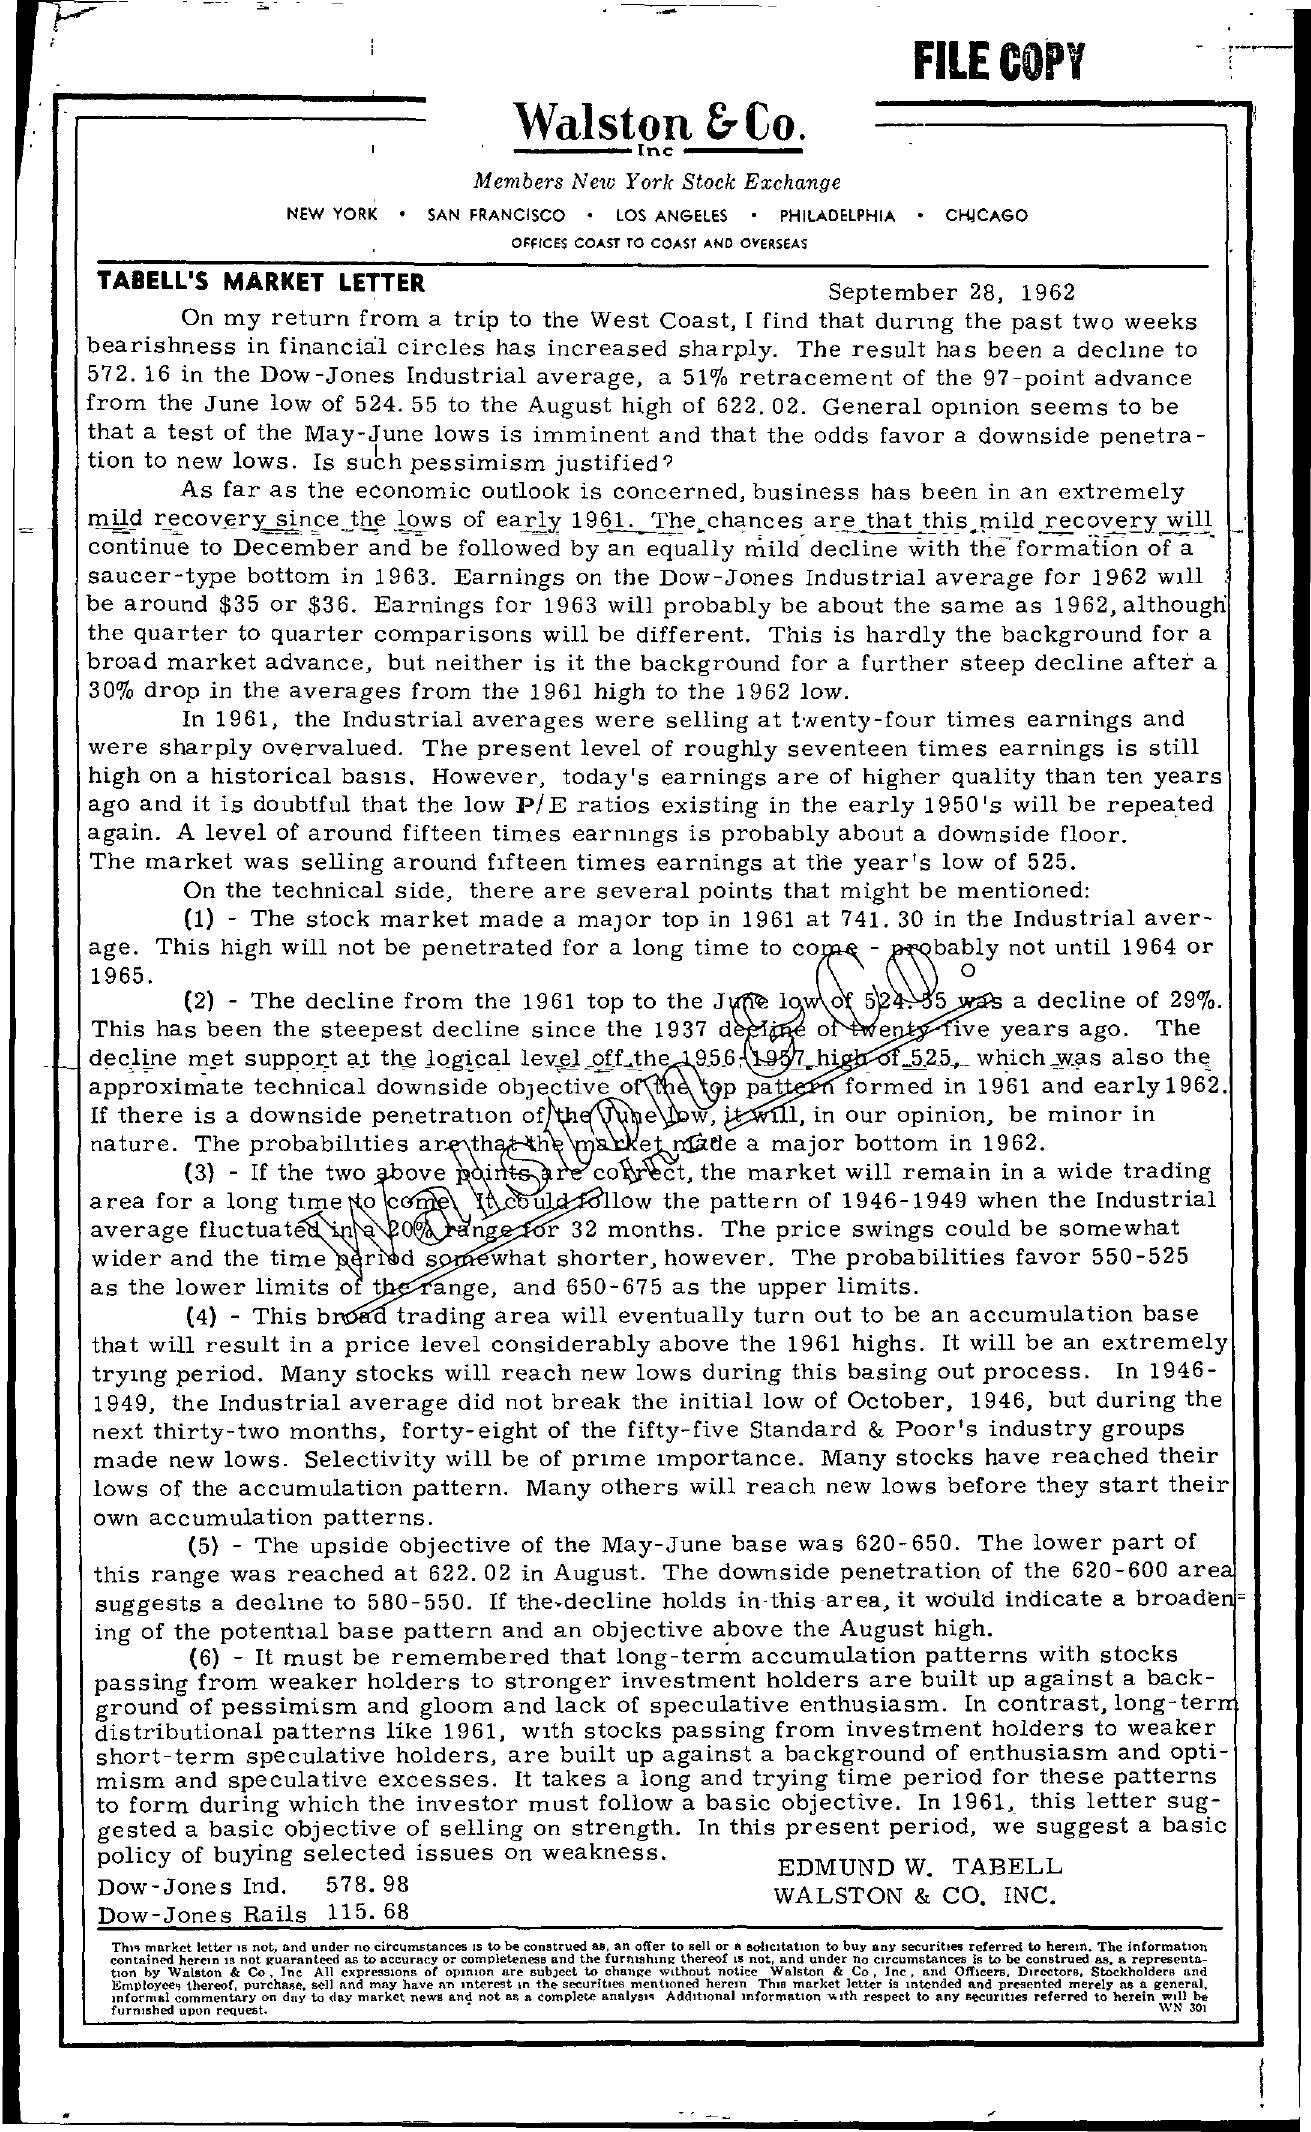 Tabell's Market Letter - September 28, 1962